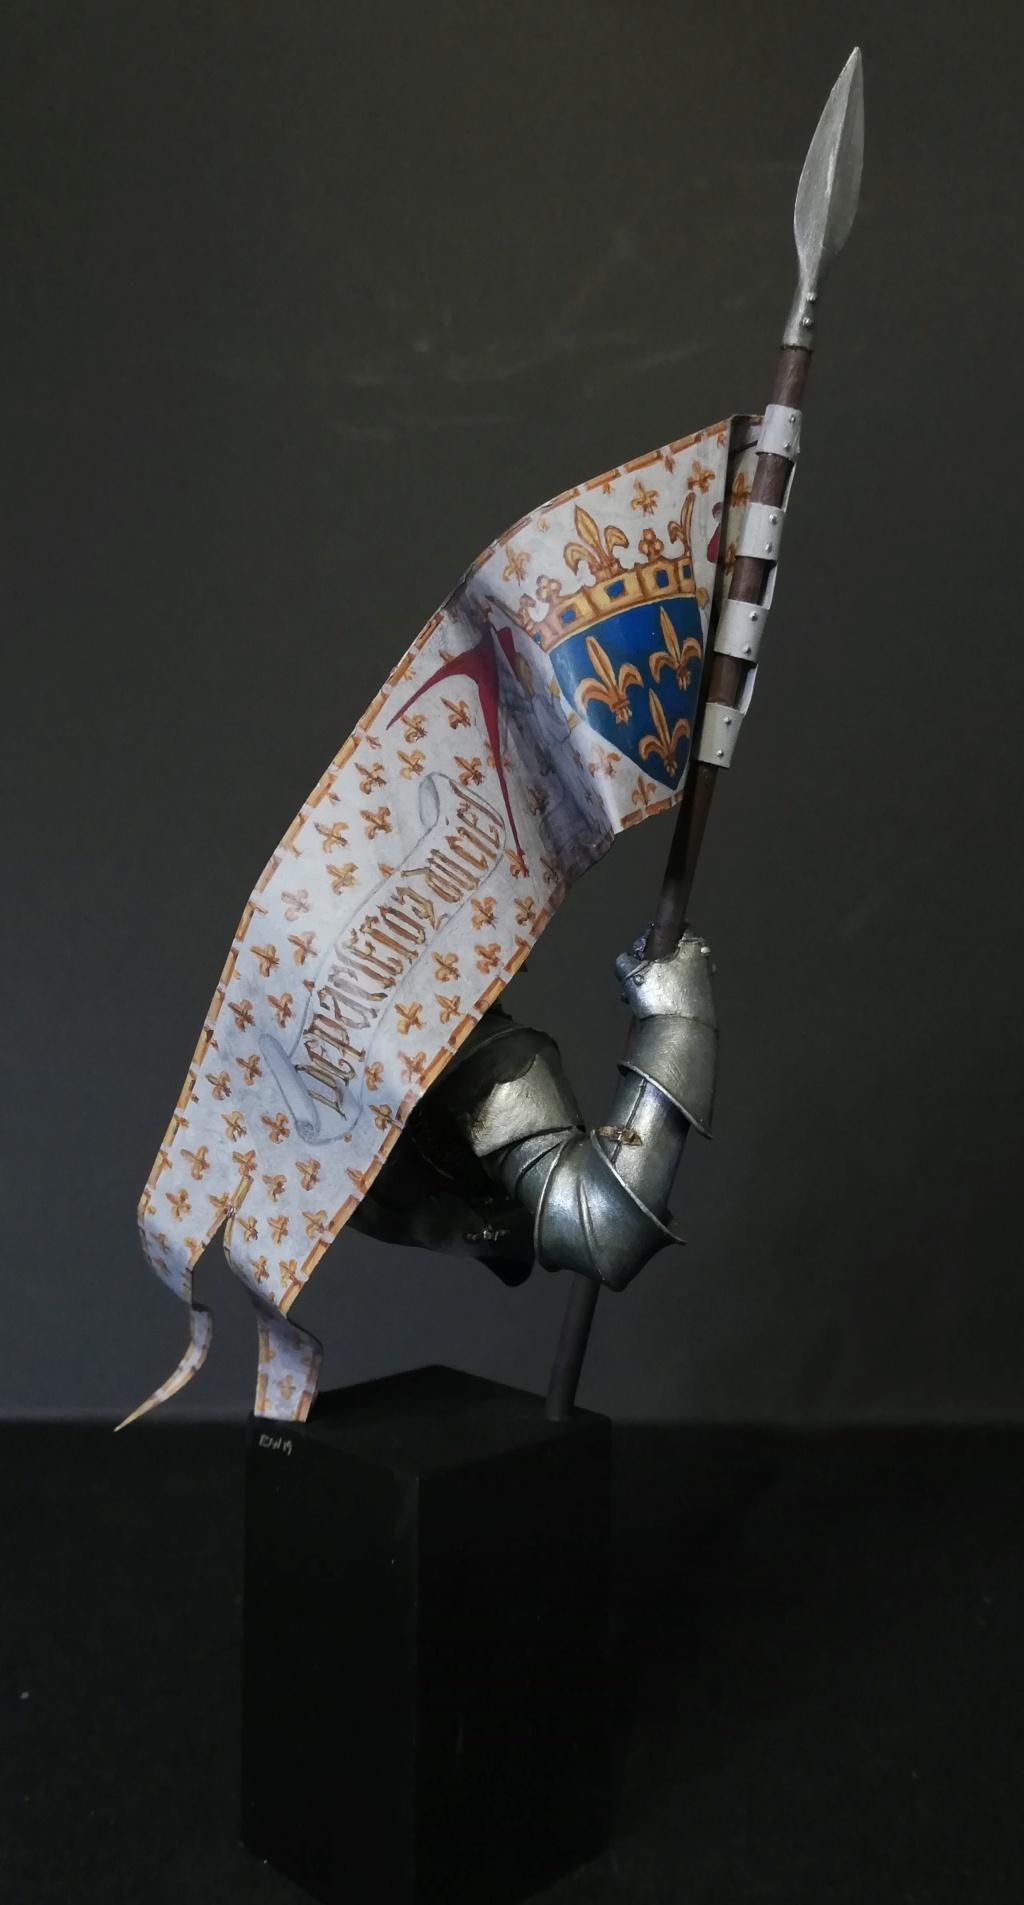 Jeanne d'Arc - retouches et nouvelles photos - Page 2 Jeanne45